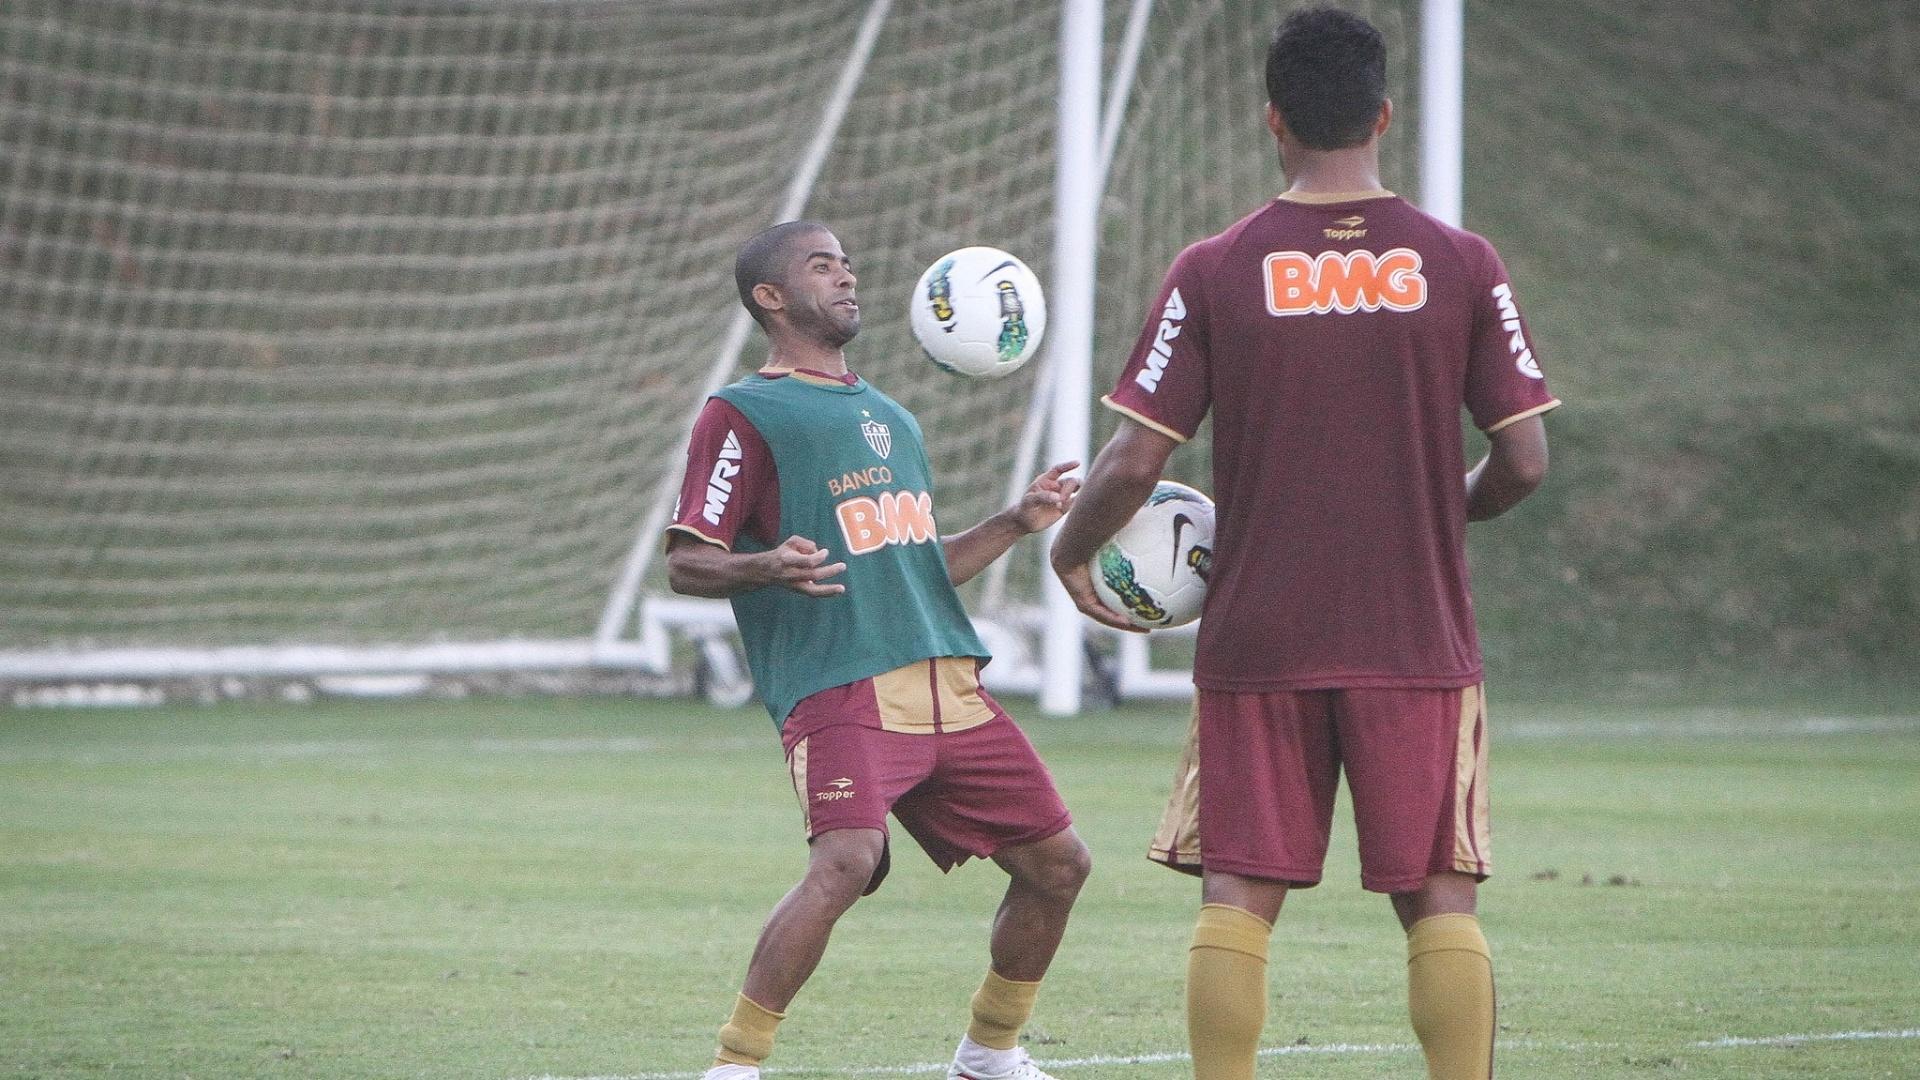 Júnior César durante treinamento do Atlético-MG na Cidade do Galo (29/5/2012)